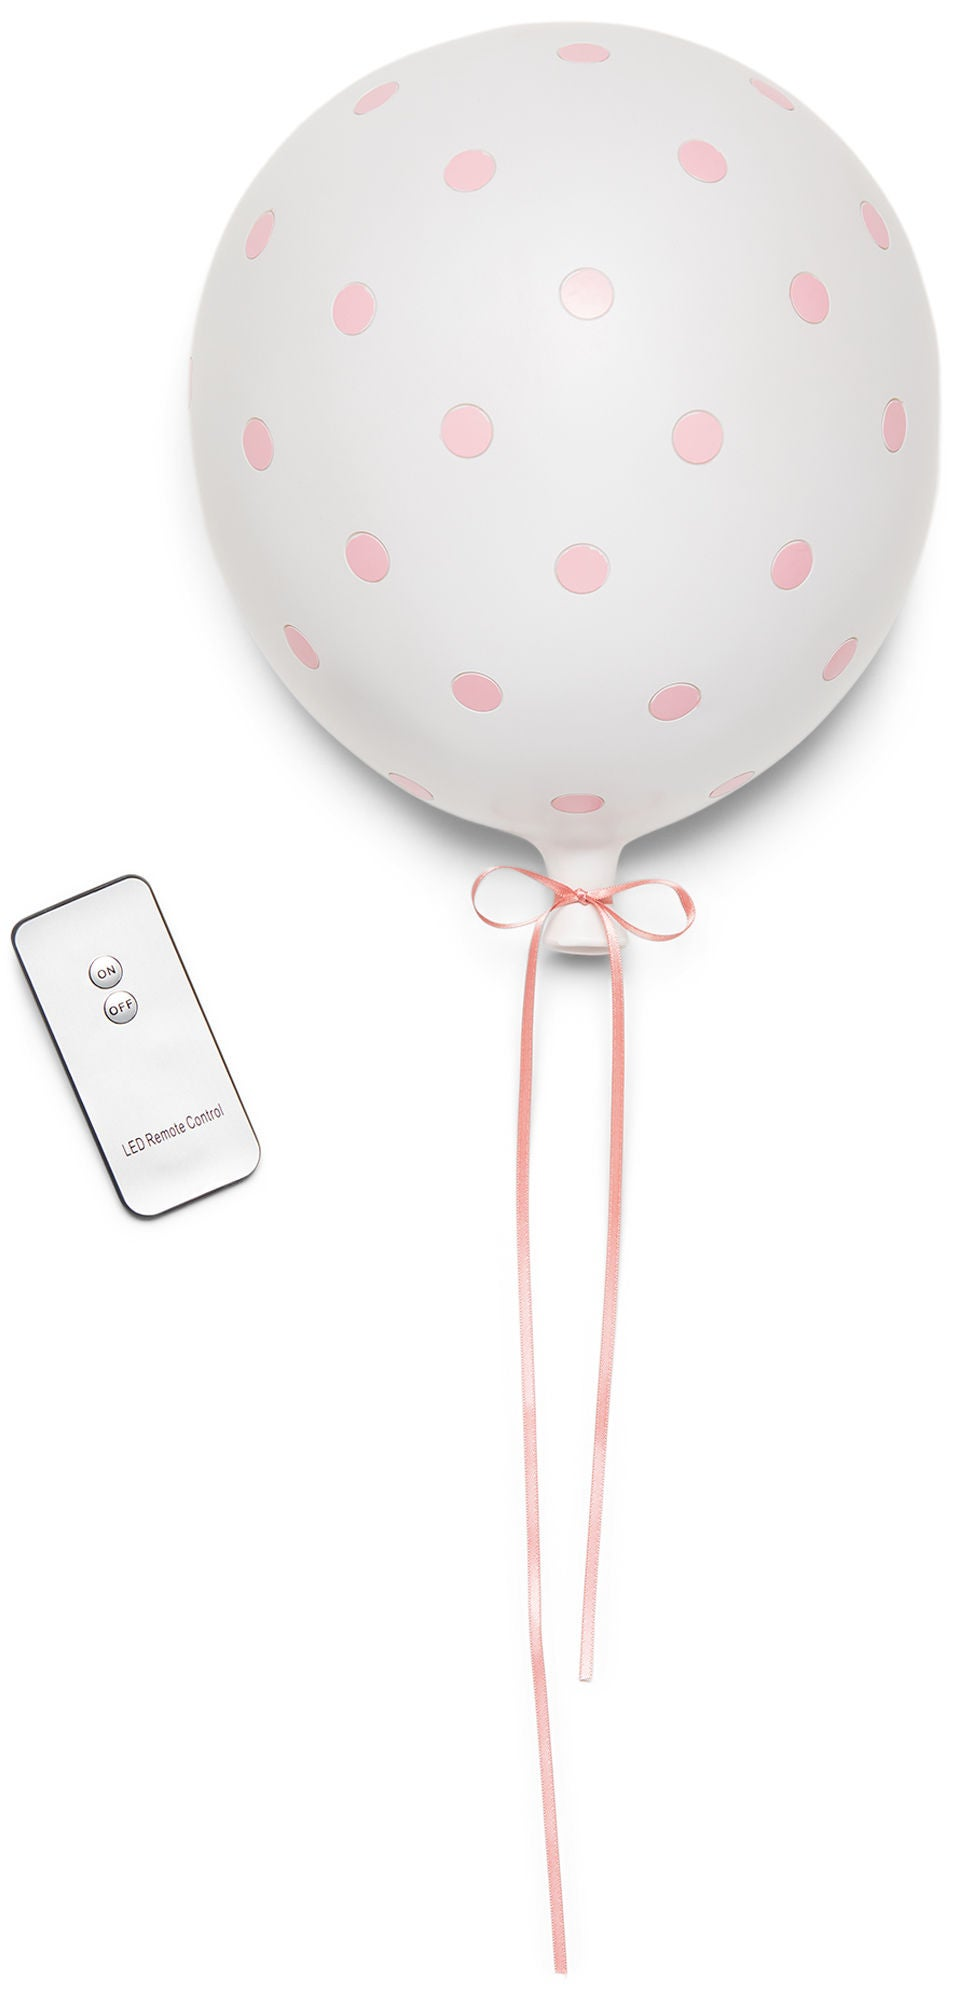 Lilou Lilou Seinävalaisin Ilmapallo Pilkut, Pink/White